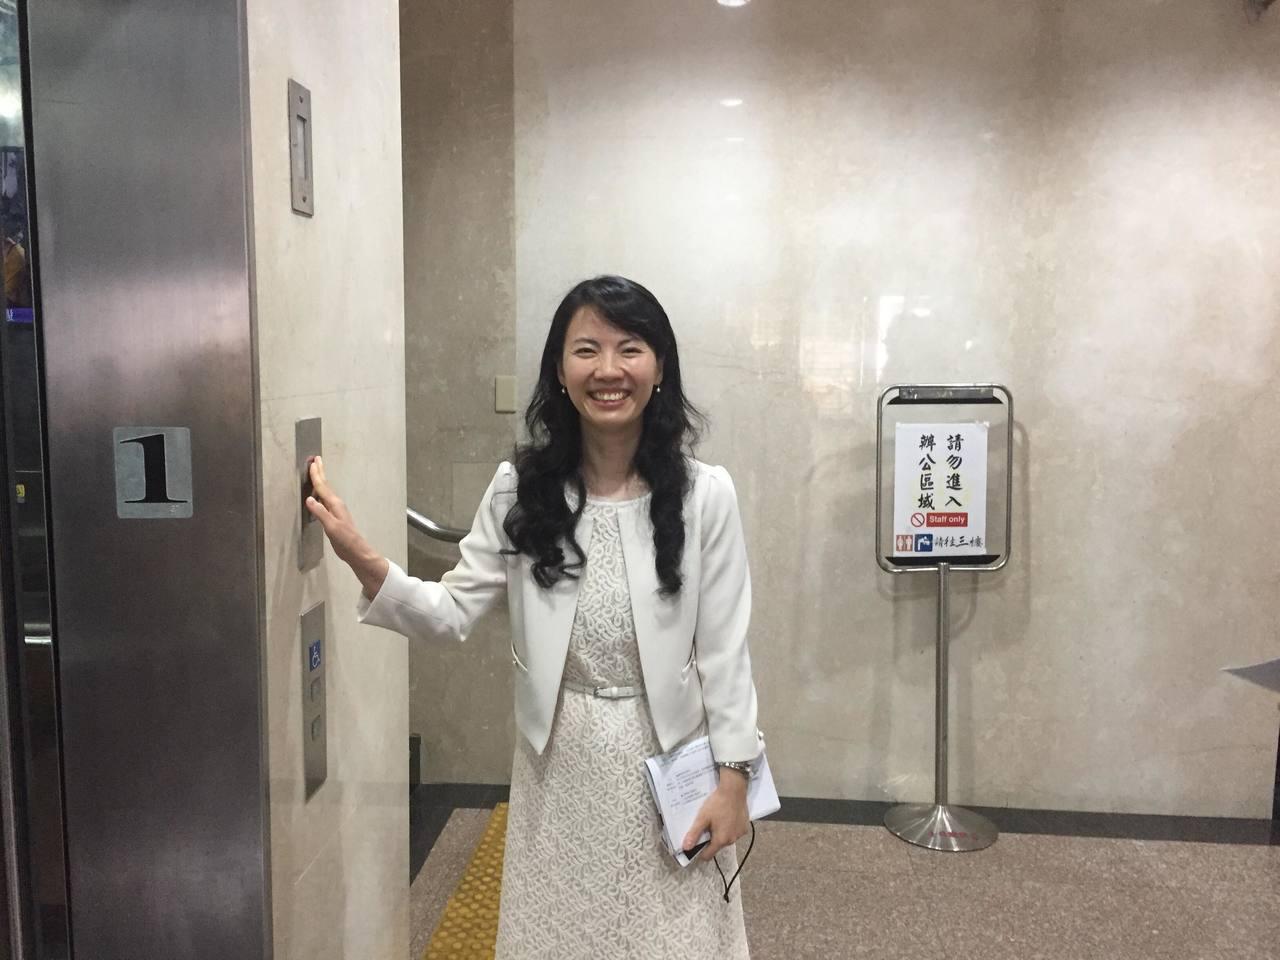 北檢今指派美女主任檢察官陳玉萍擔任「學姊」。記者賴佩璇/攝影